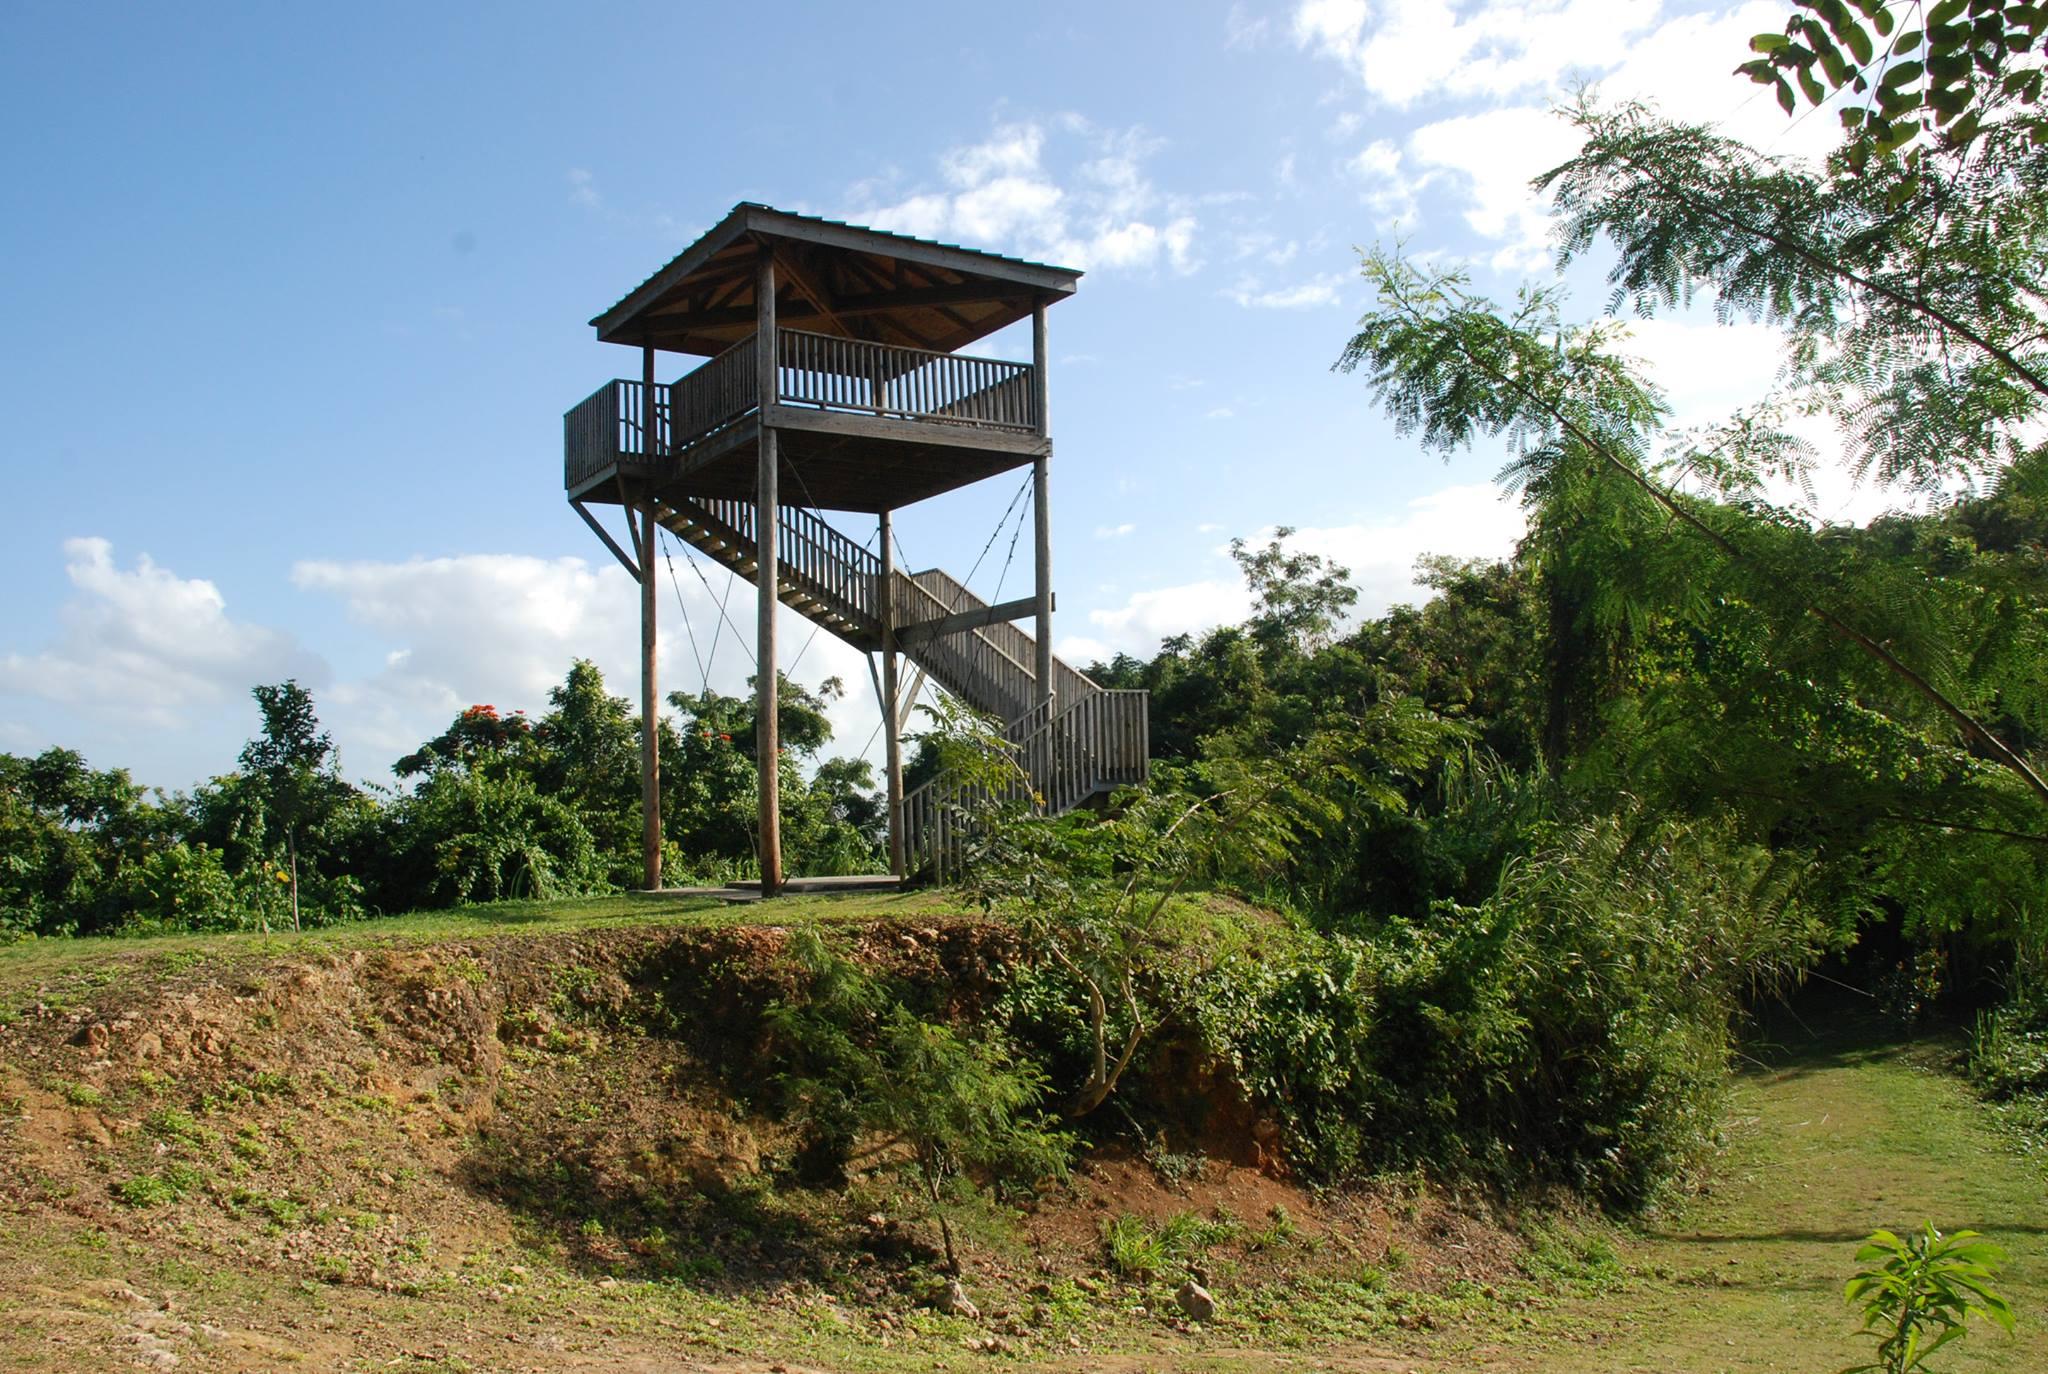 Parque Julio Enrique Monagas